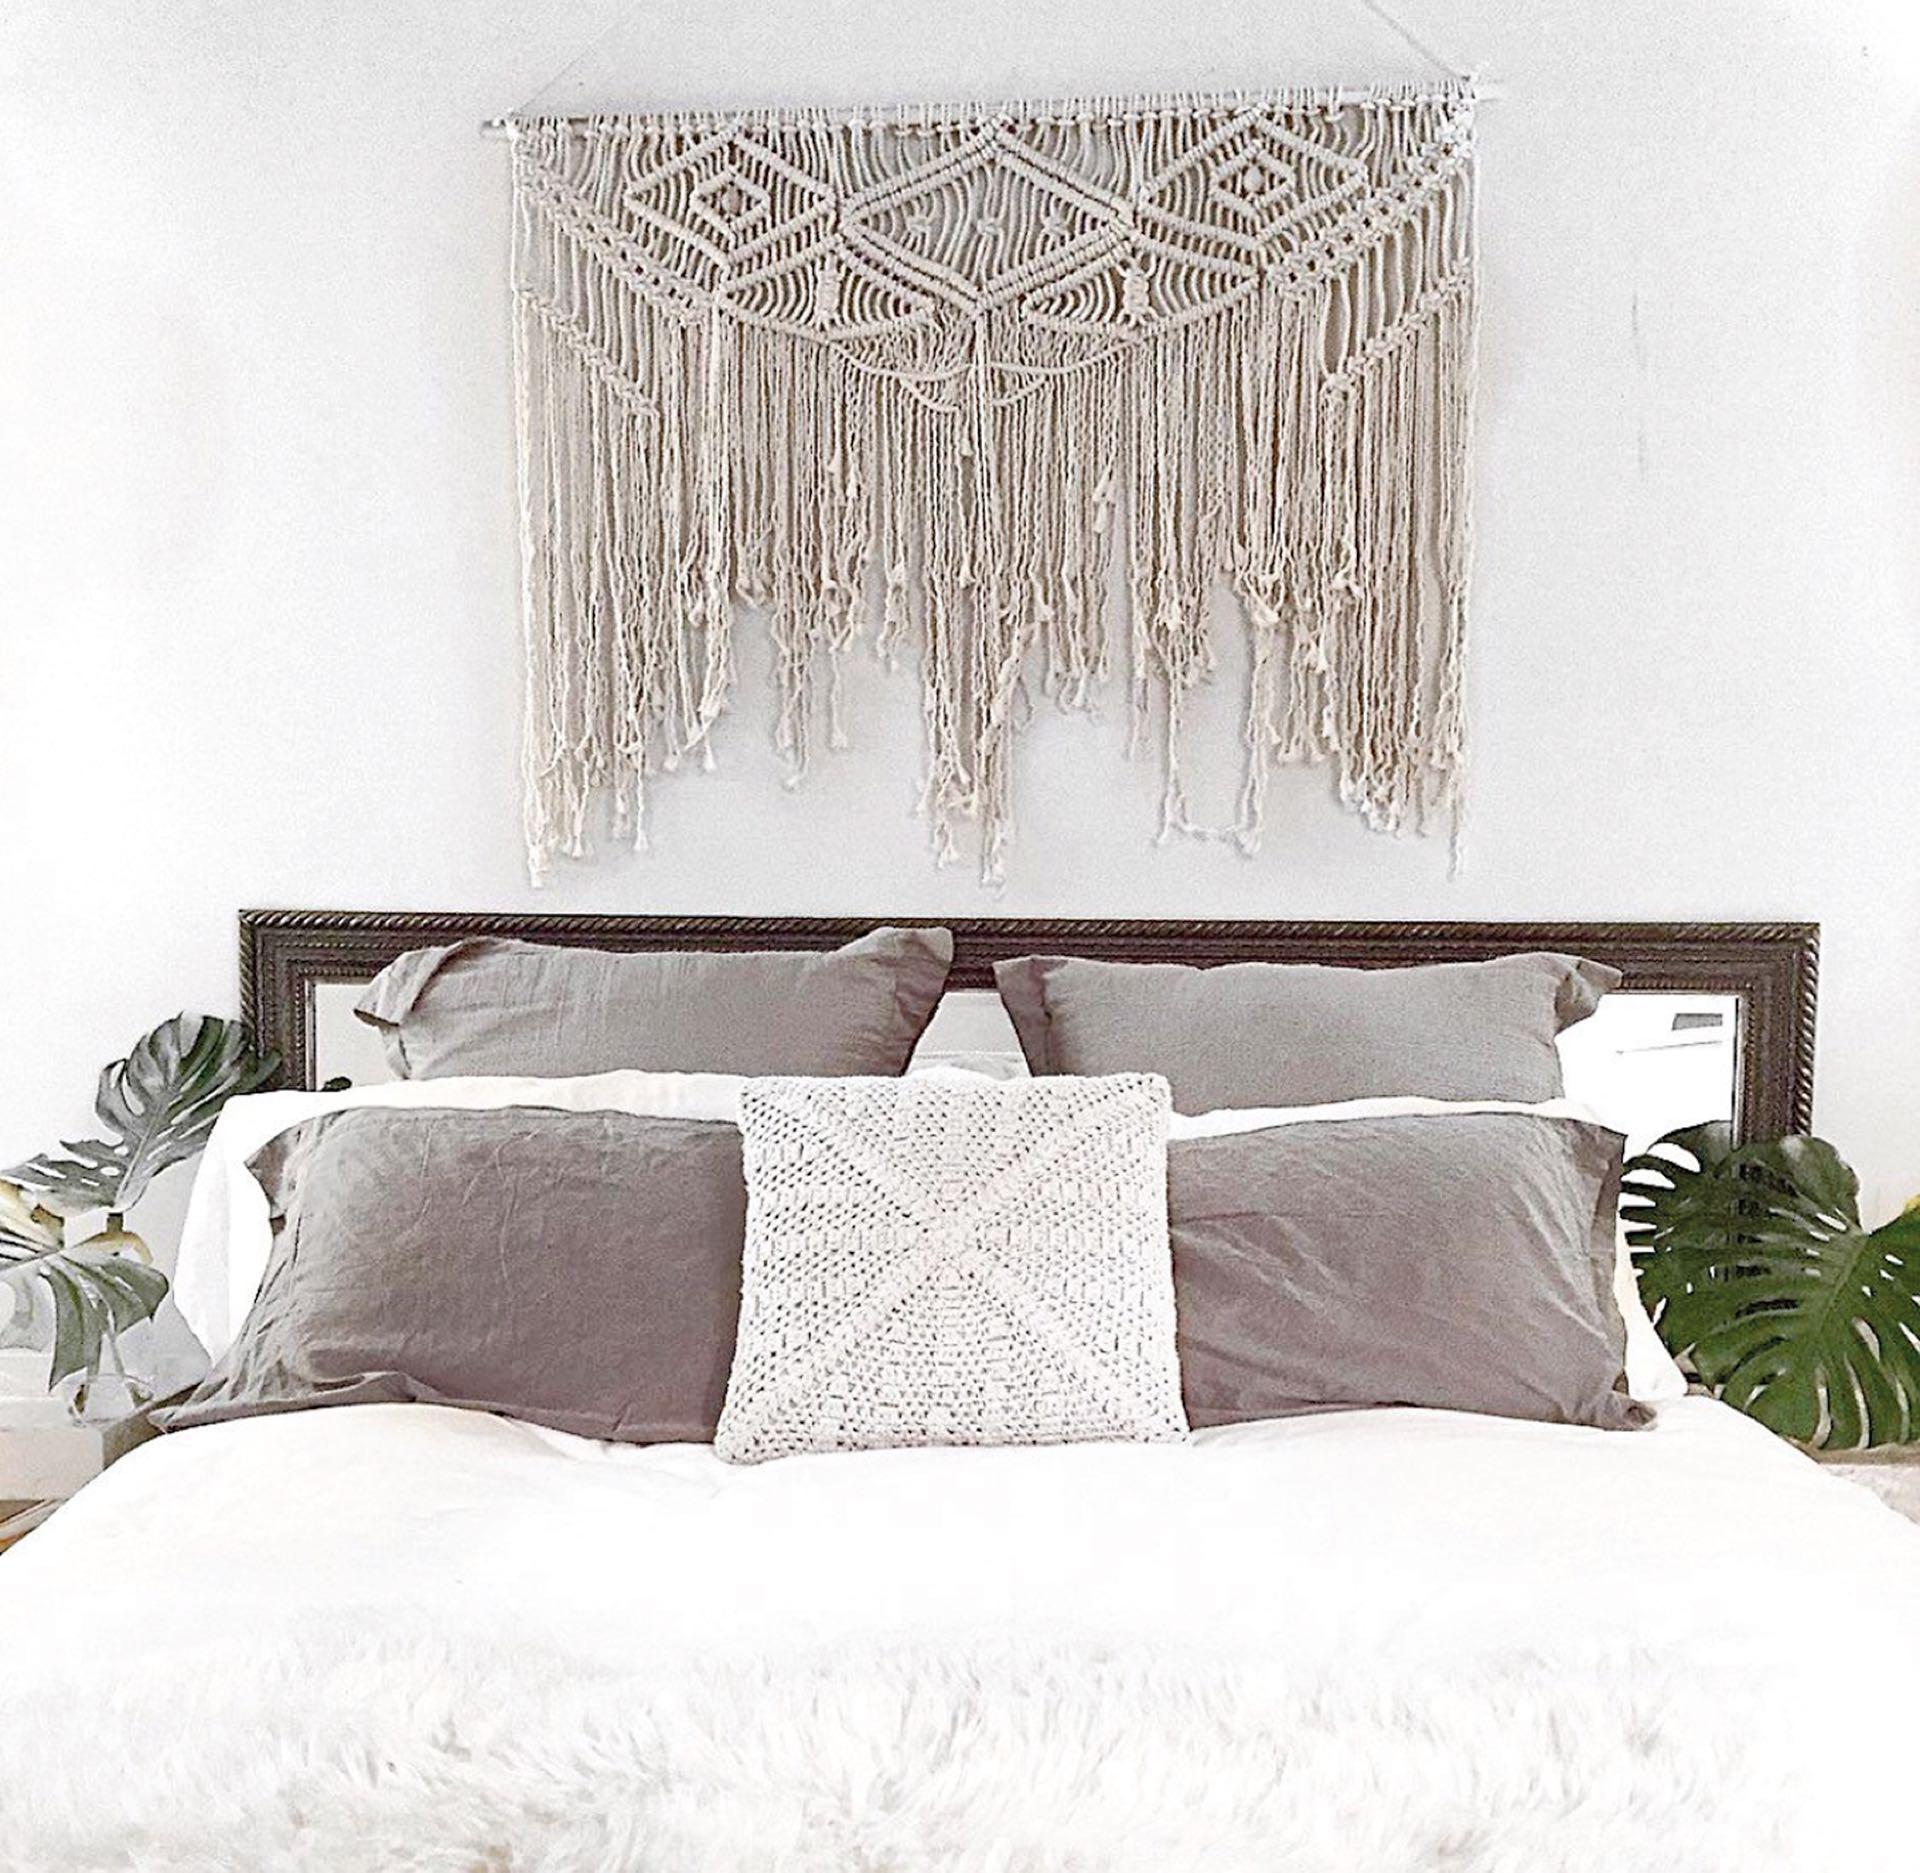 EN EL CUARTO La última tendencia es ubicar tapices de macramé en la cabecera de la cama.